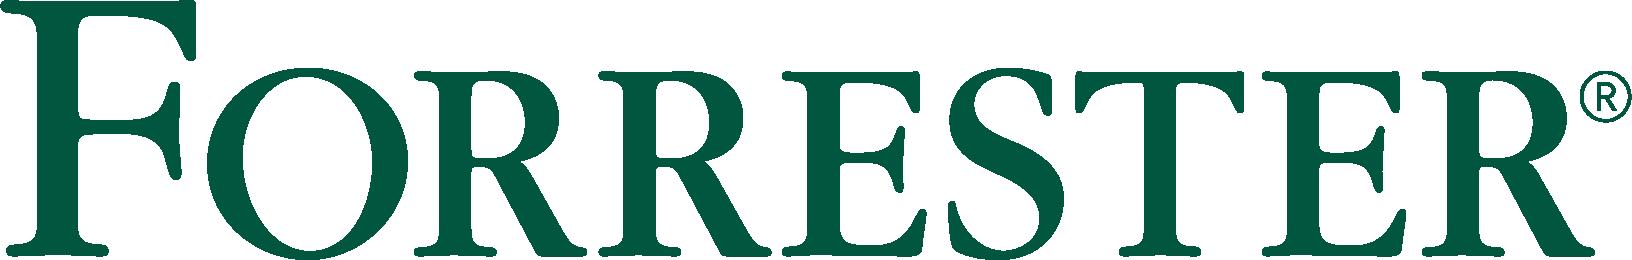 forrester-RGB_logo-1.png